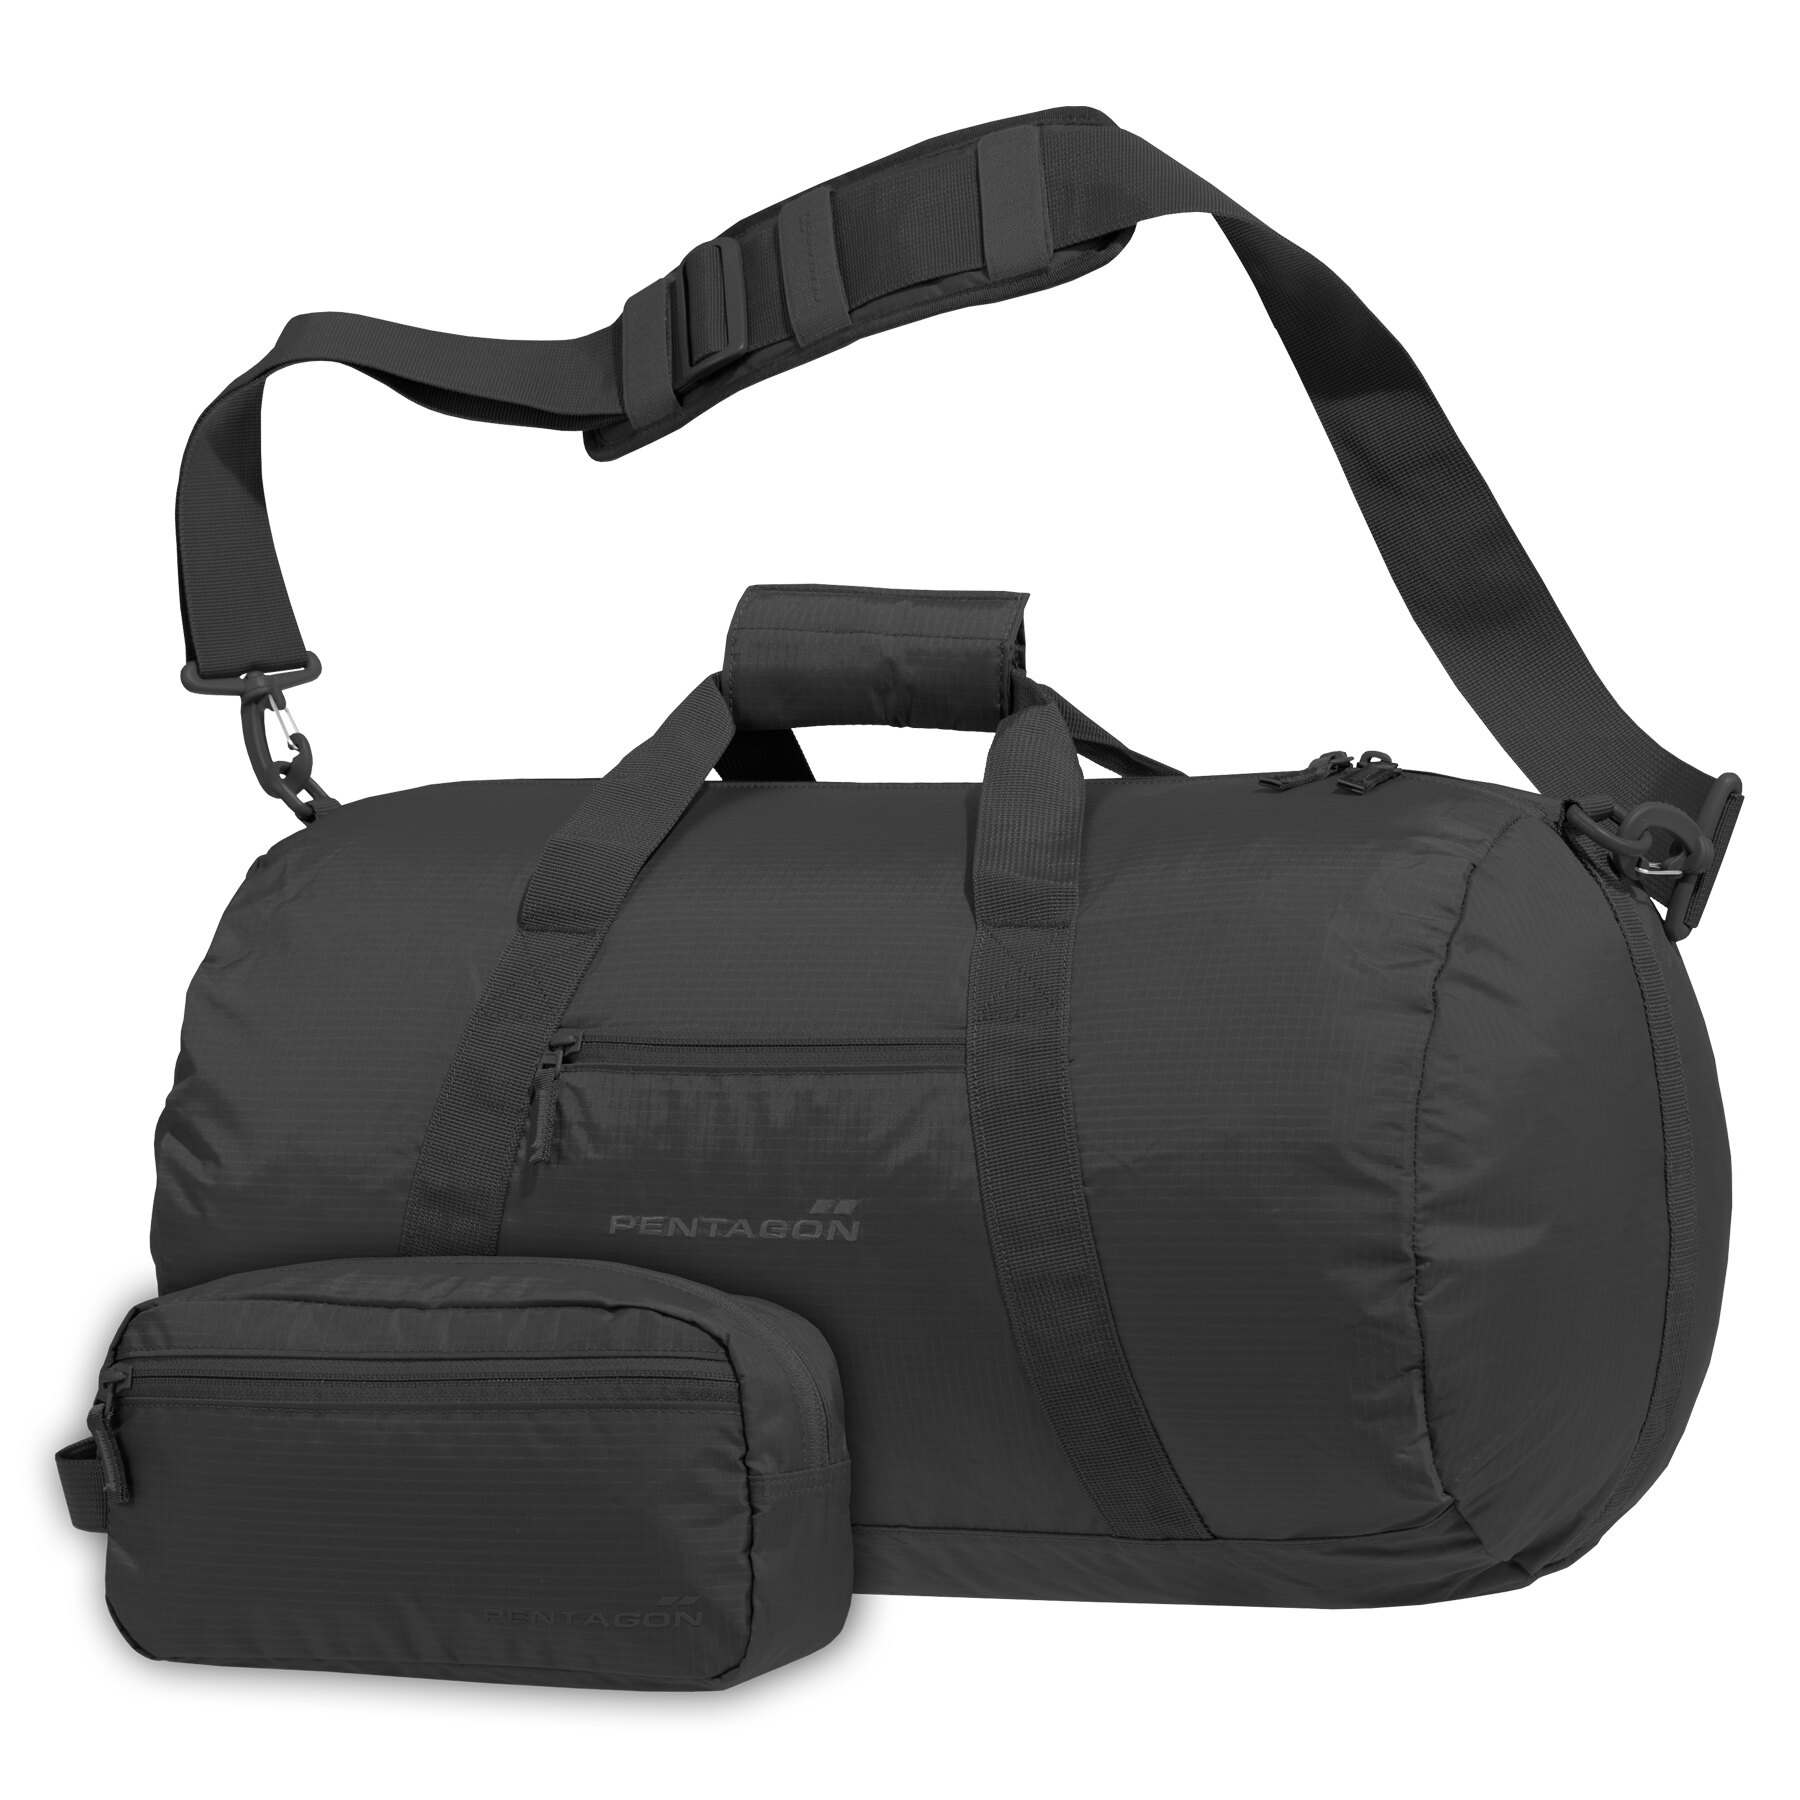 Športová taška PENTAGON® Kanon - čierna (Farba: Čierna)